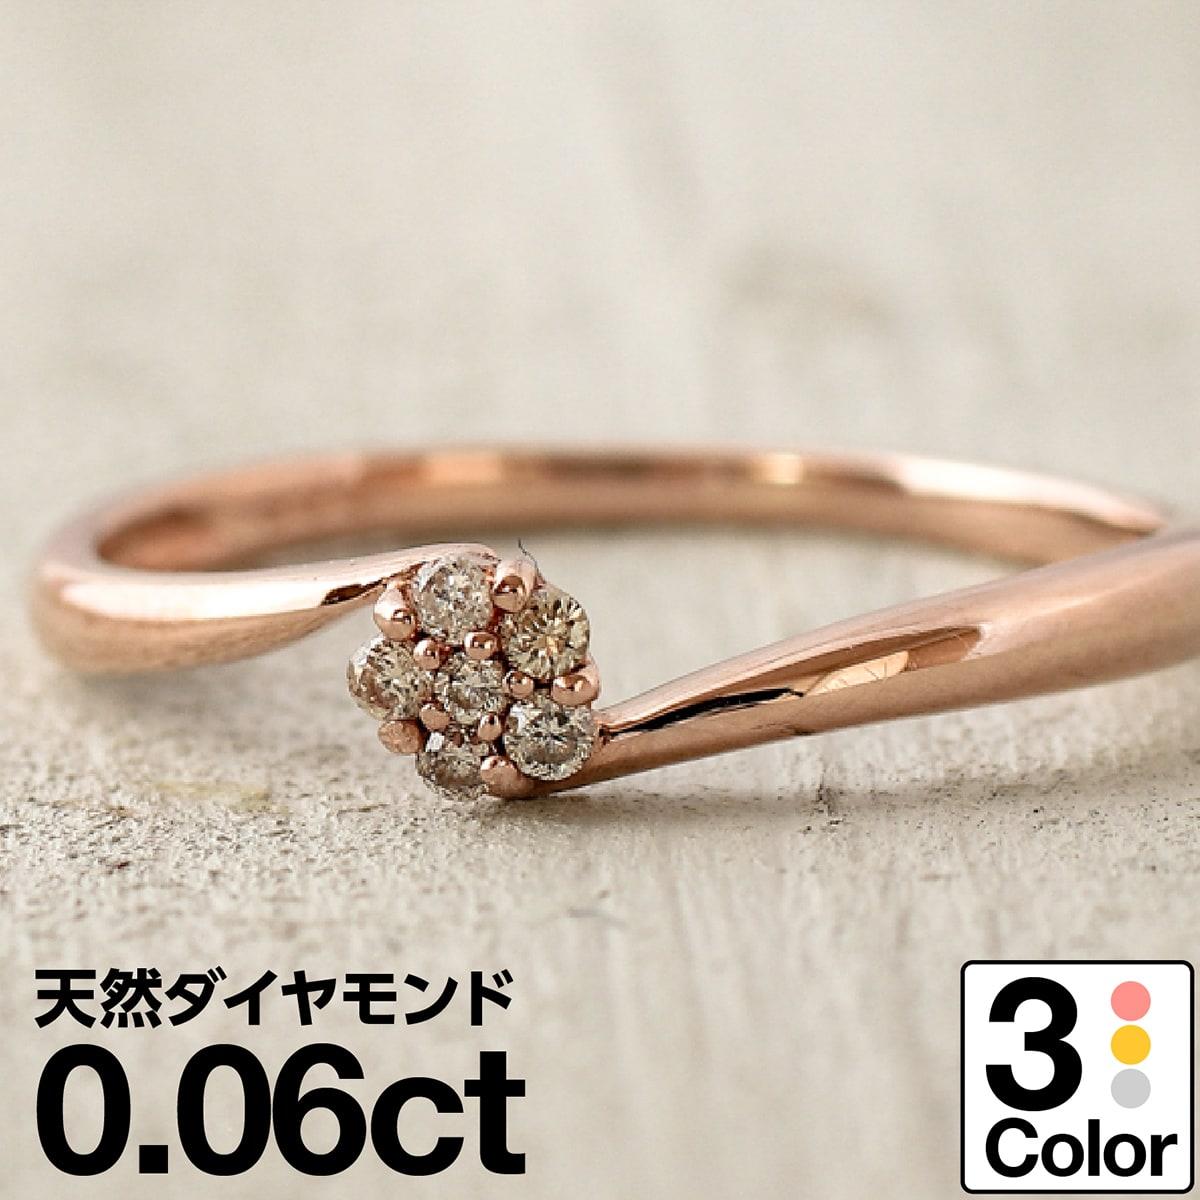 今季一番 ダイヤモンド リング k18 k18 イエローゴールド ギフト/ホワイトゴールド/ピンクゴールド 日本製 ファッションリング 天然ダイヤ ダイヤモンドリング 品質保証書 金属アレルギー 日本製 ホワイトデー ギフト プレゼント【smtb-s】, 腕時計のセレクトショップ HATTEN:d8945271 --- cleventis.eu